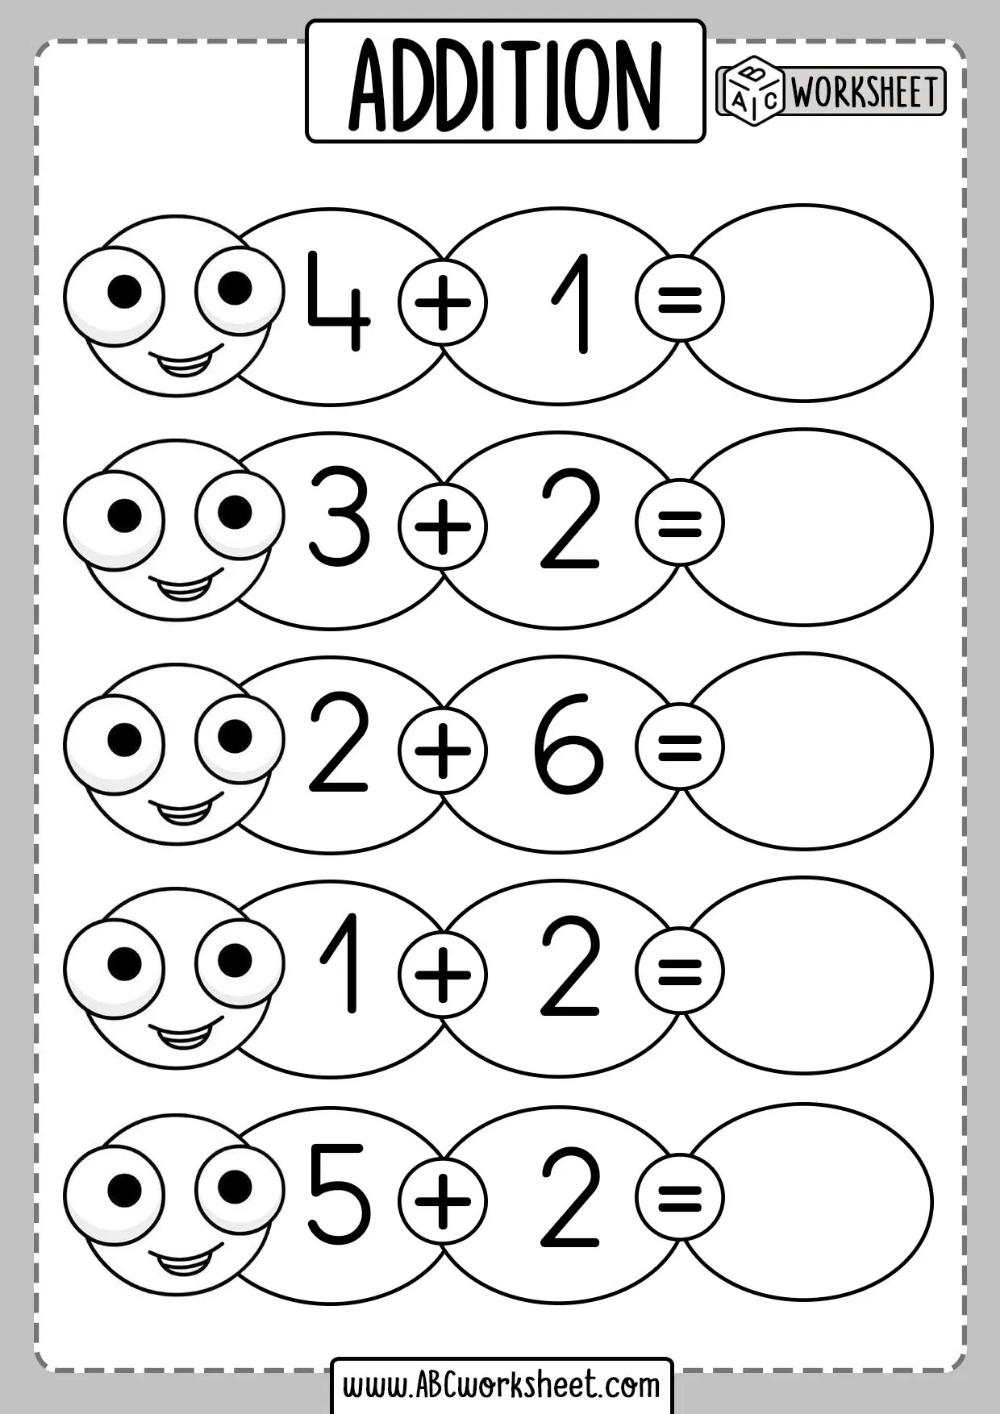 Beginner Addition Worksheets   Addition worksheets [ 1414 x 1000 Pixel ]